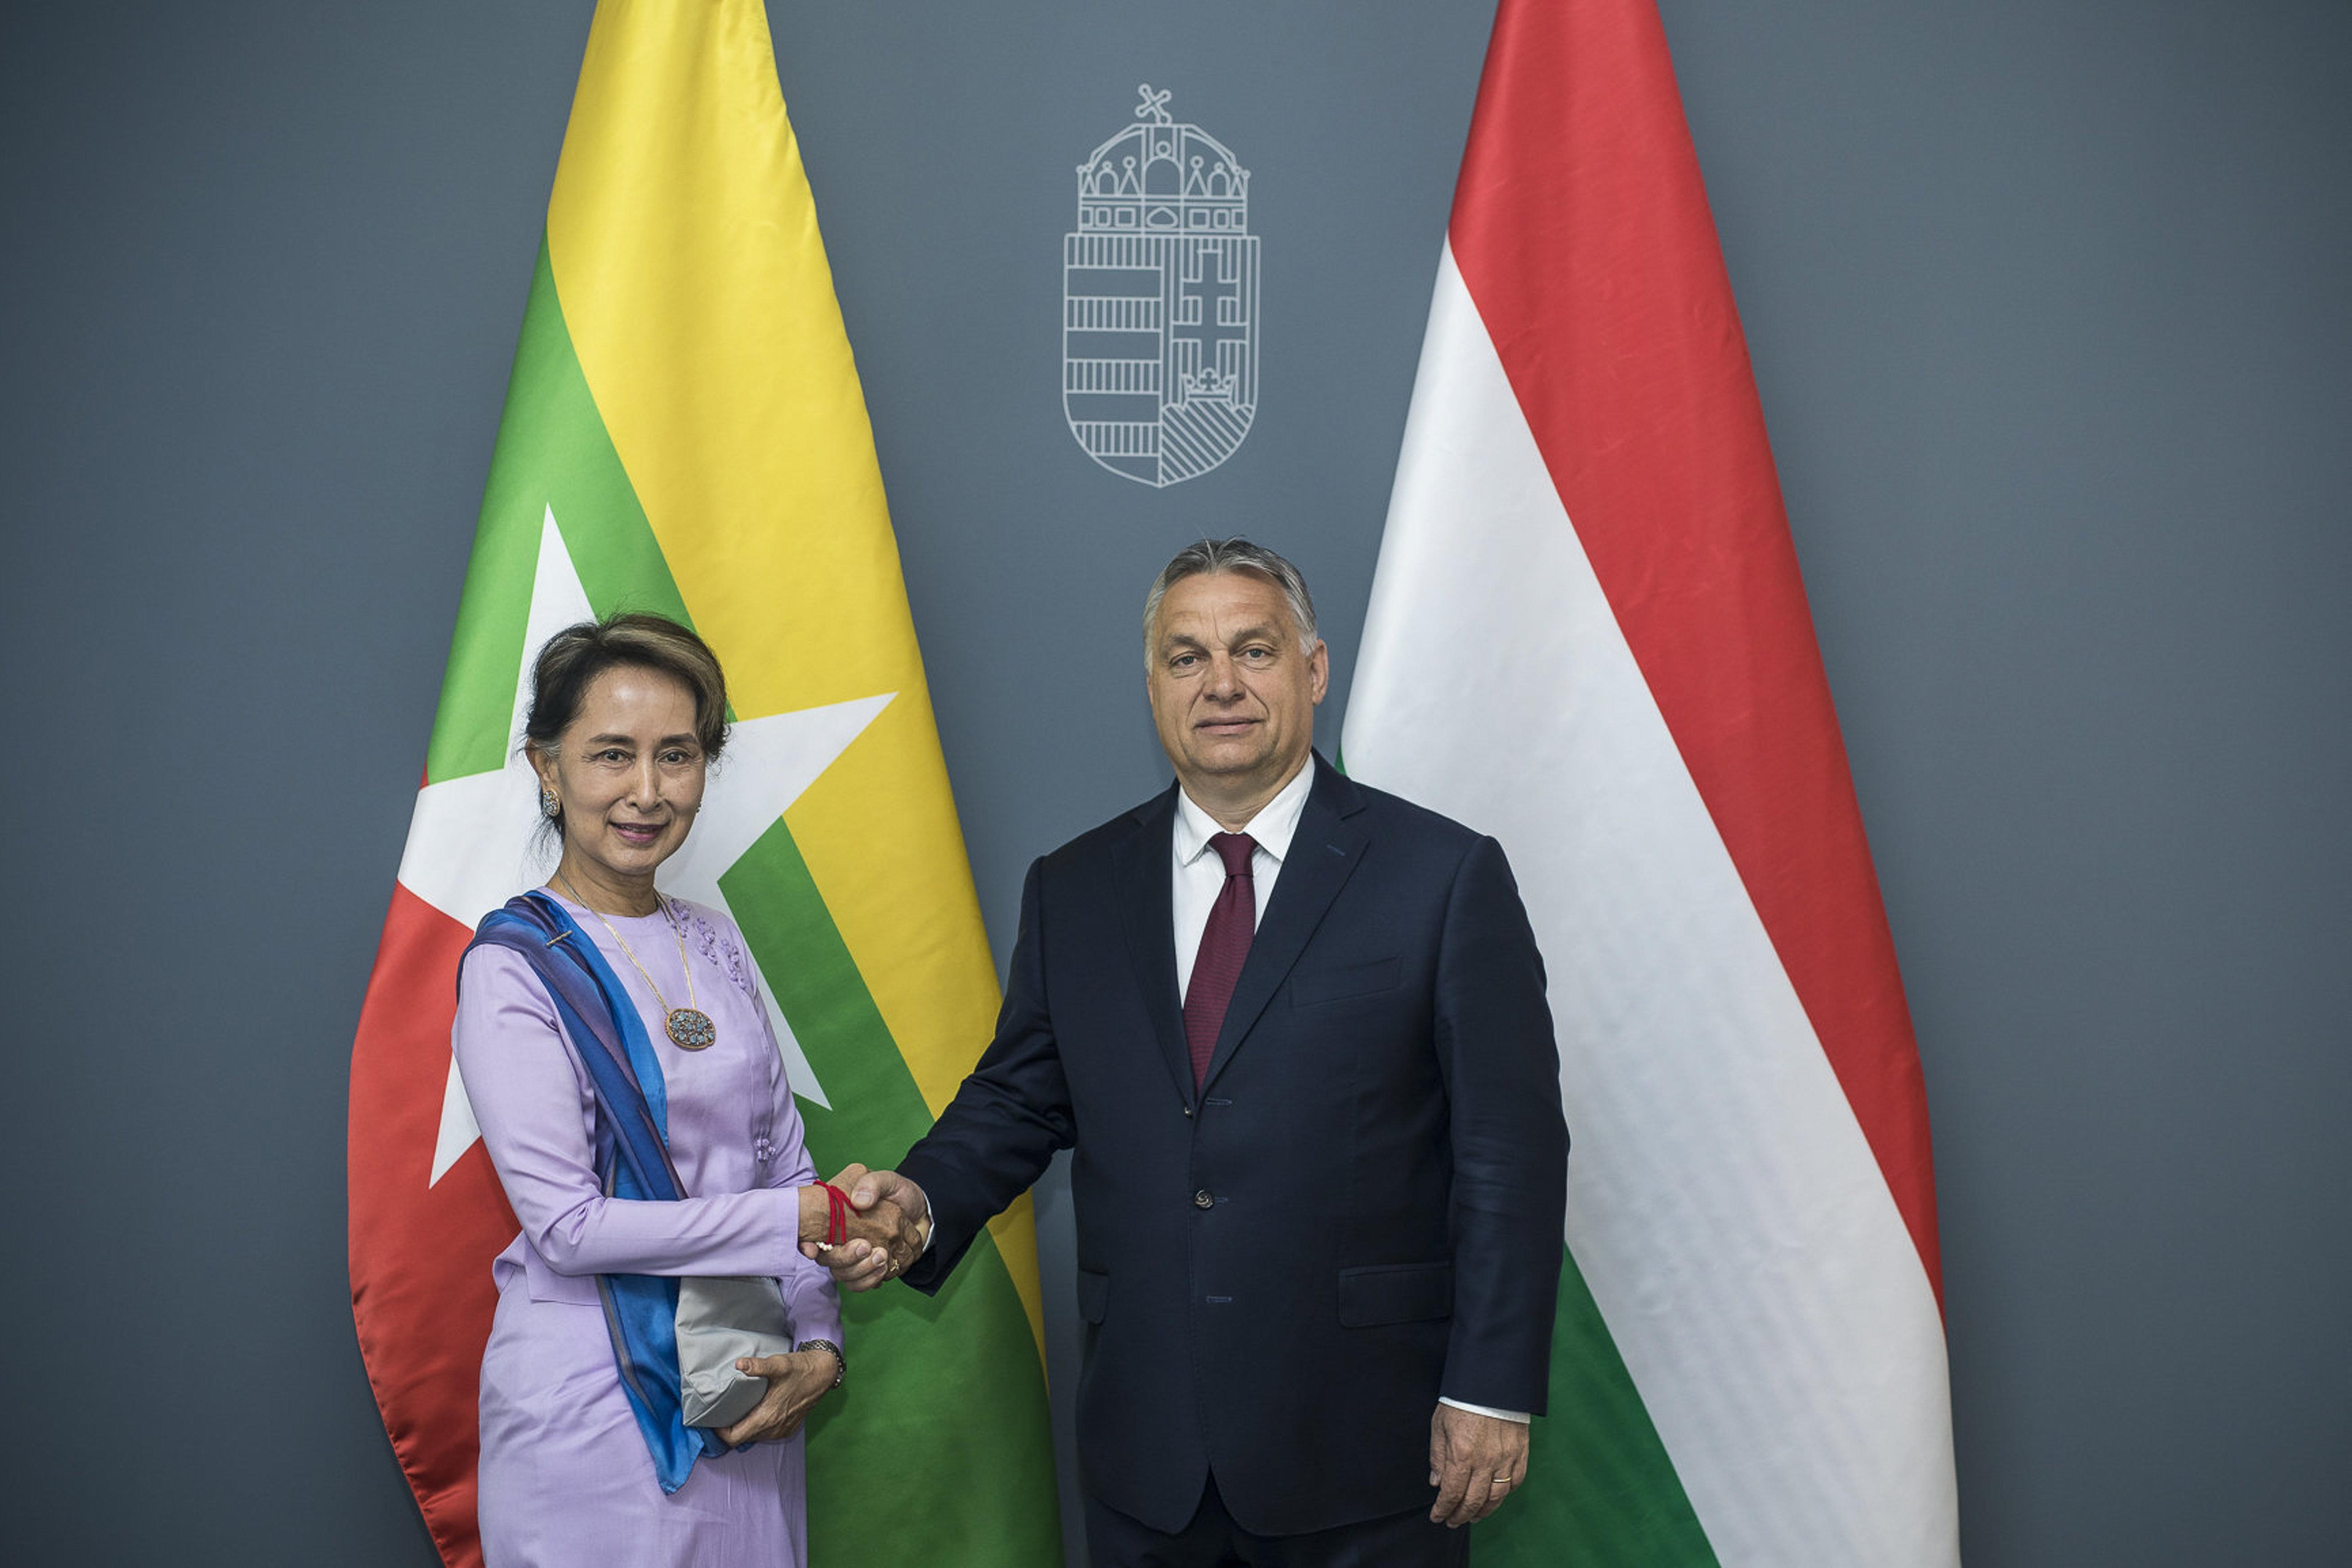 Orbán megnyugtatta a mianmari kormányfőt, hogy elutasítjuk a demokráciaexportot